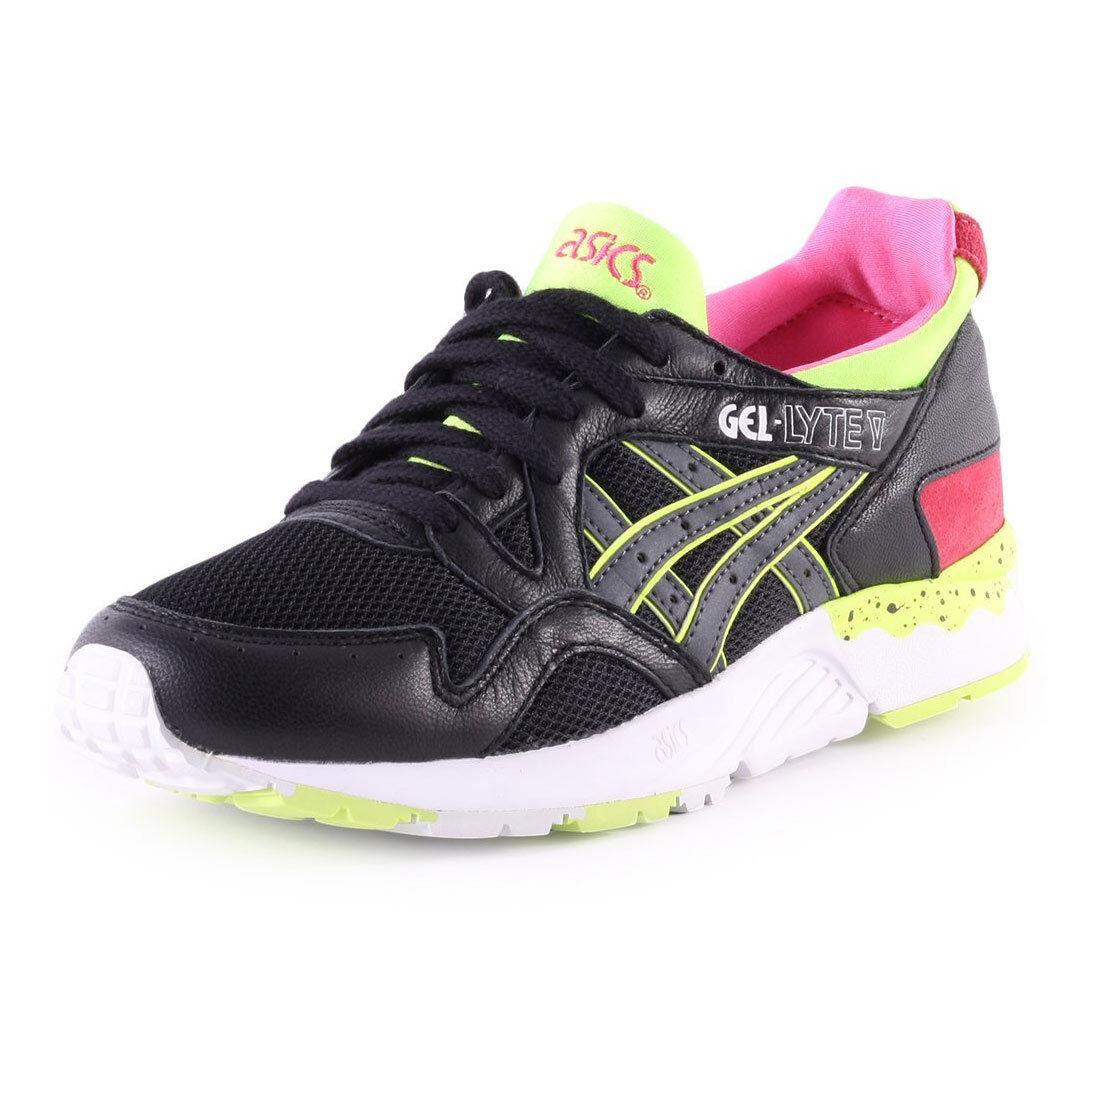 Asics Gel Lyte V 5 Scarpe Donna Sneaker Casual da ginnastica Multi 36 41